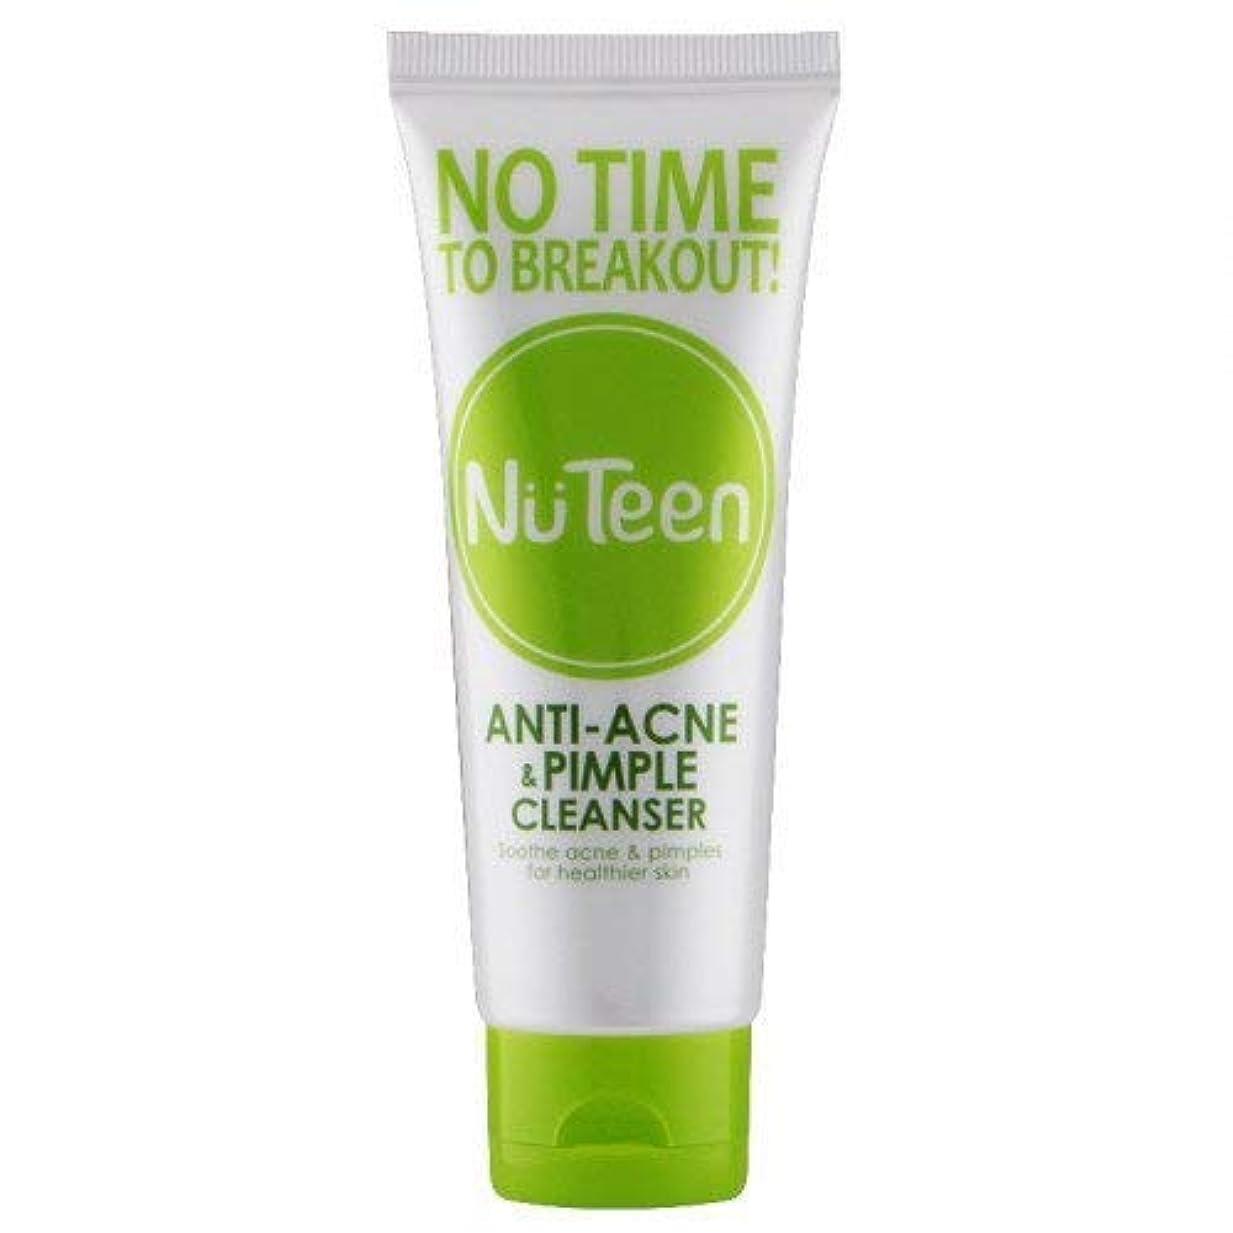 繰り返し権威スクリューNuteen 抗ニキビや吹き出物洗顔料は優しく効果的にきれい100g-乾燥せずに余分な油や汚れを取り除きます